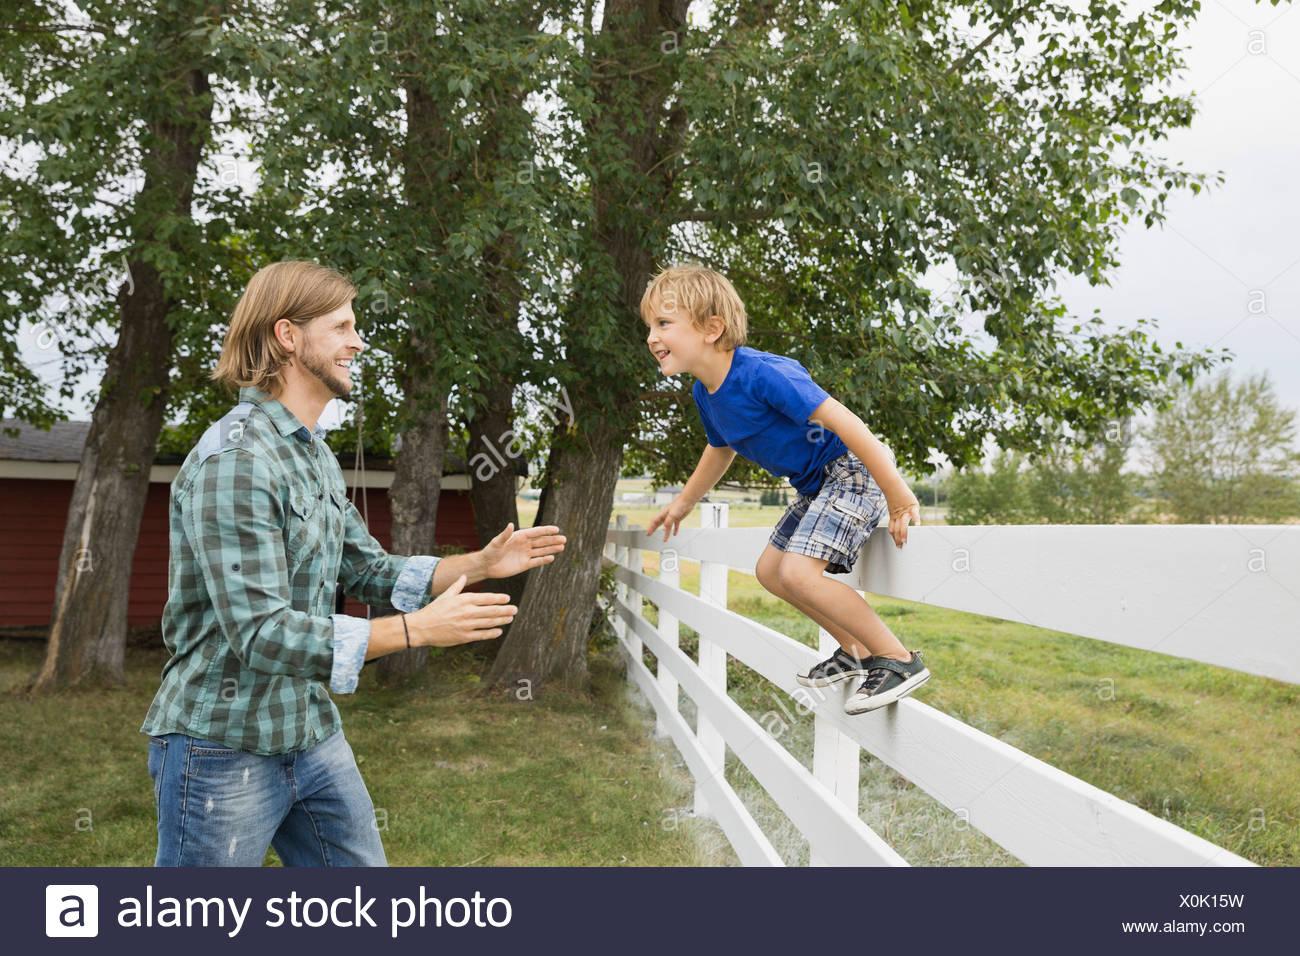 Giocoso figlio salta fuori da recinzione in bracci di padri Immagini Stock